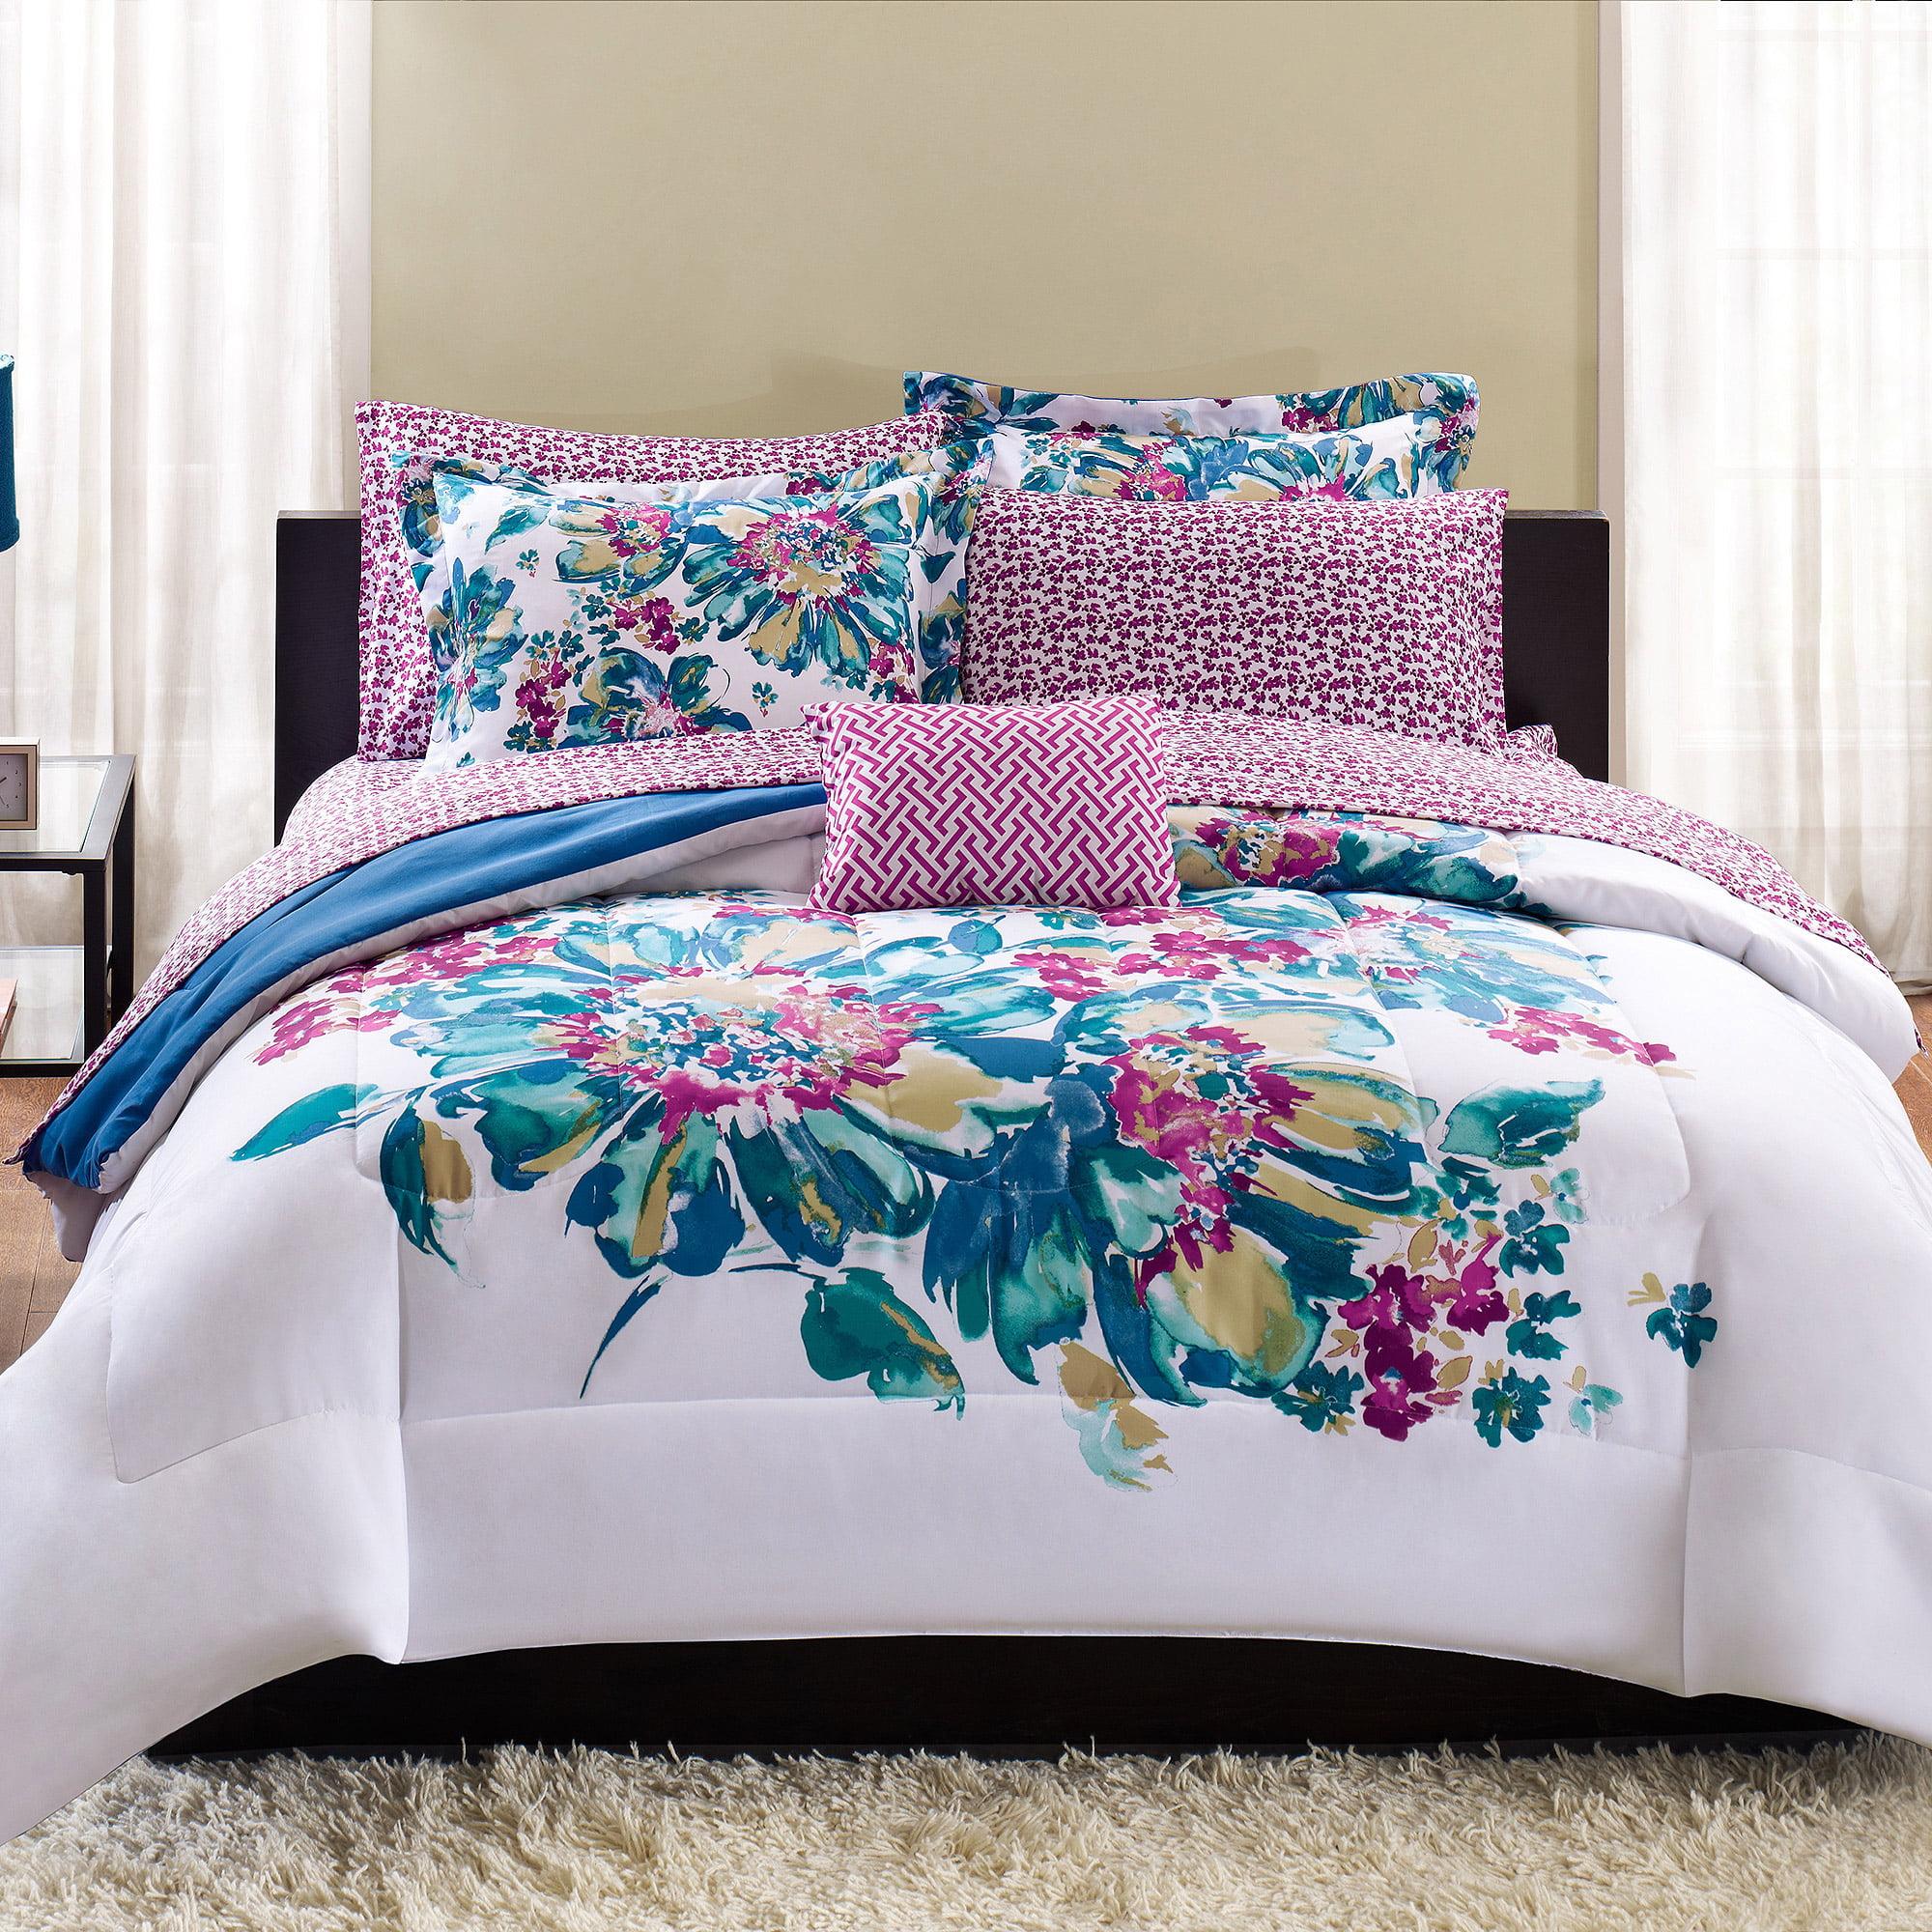 Mainstays Floral Bed in a Bag Bedding Set Walmart